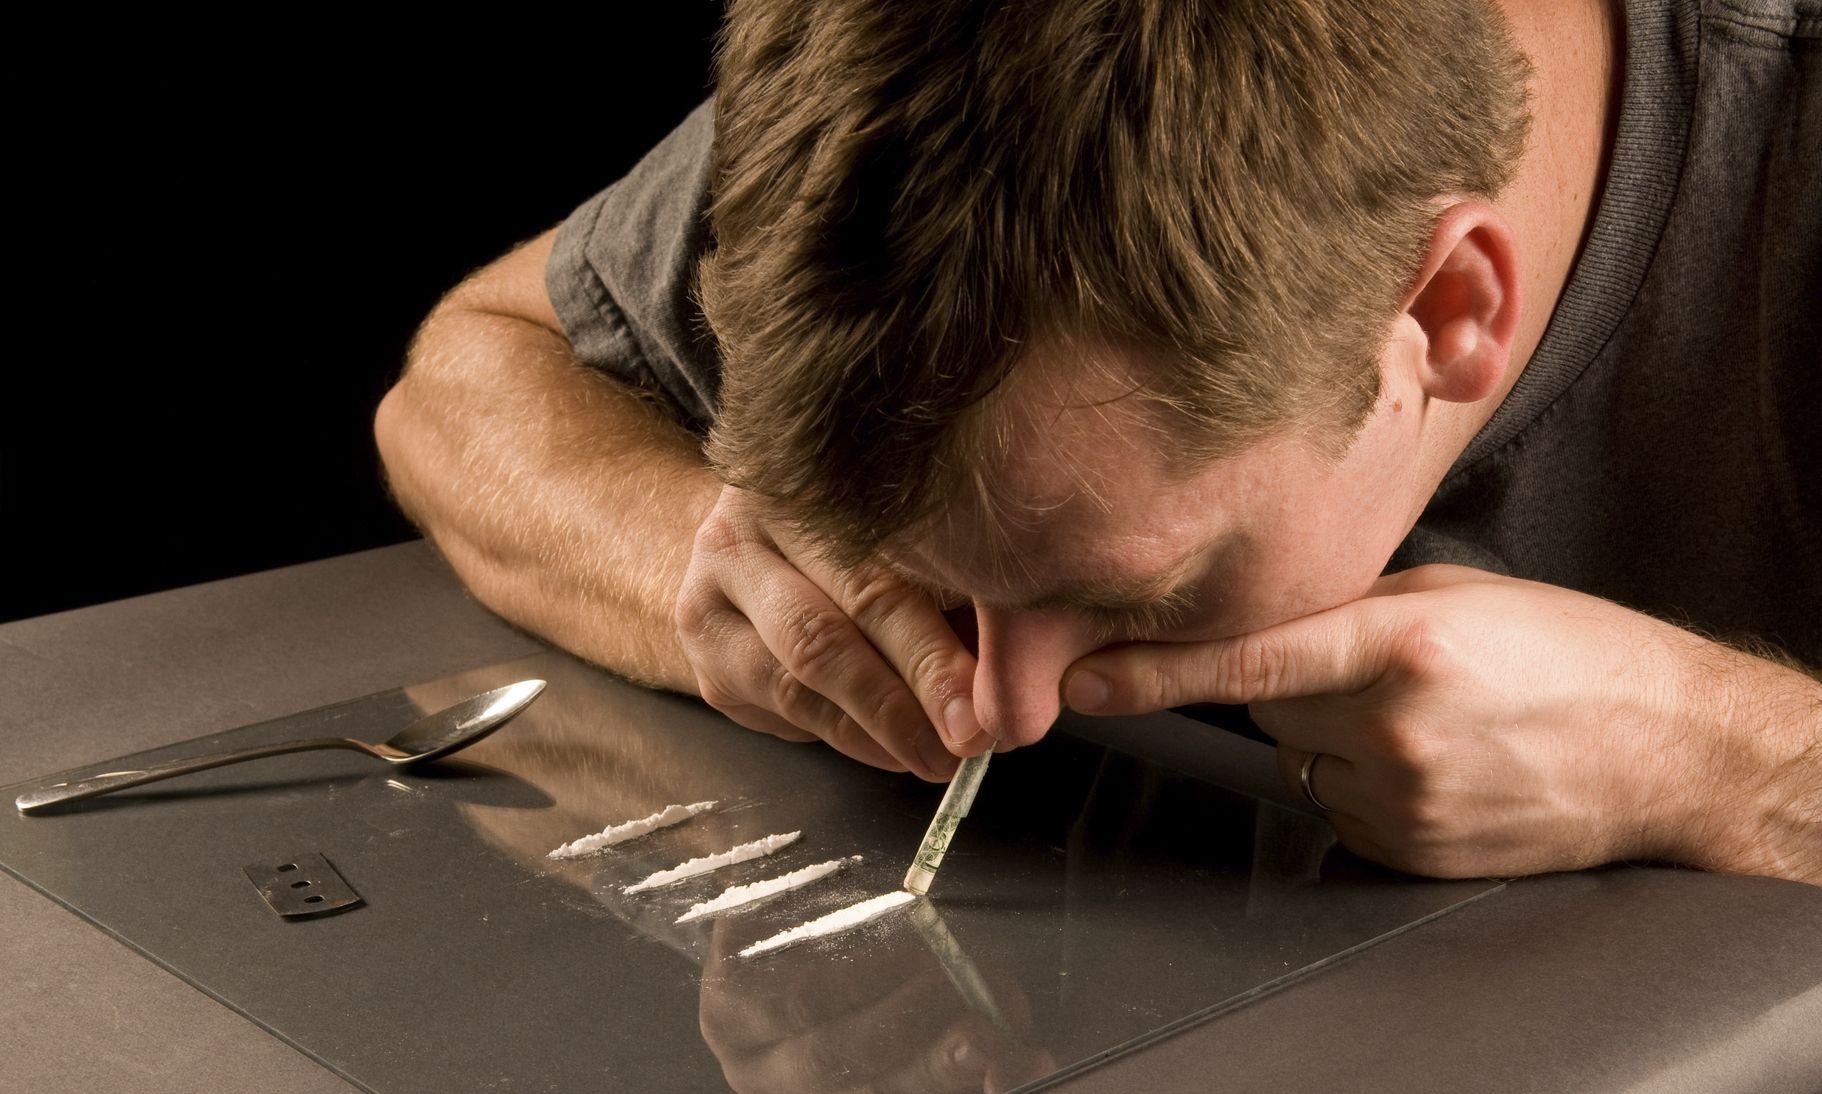 Cocaina: dipendenza addio con scosse al cervello'